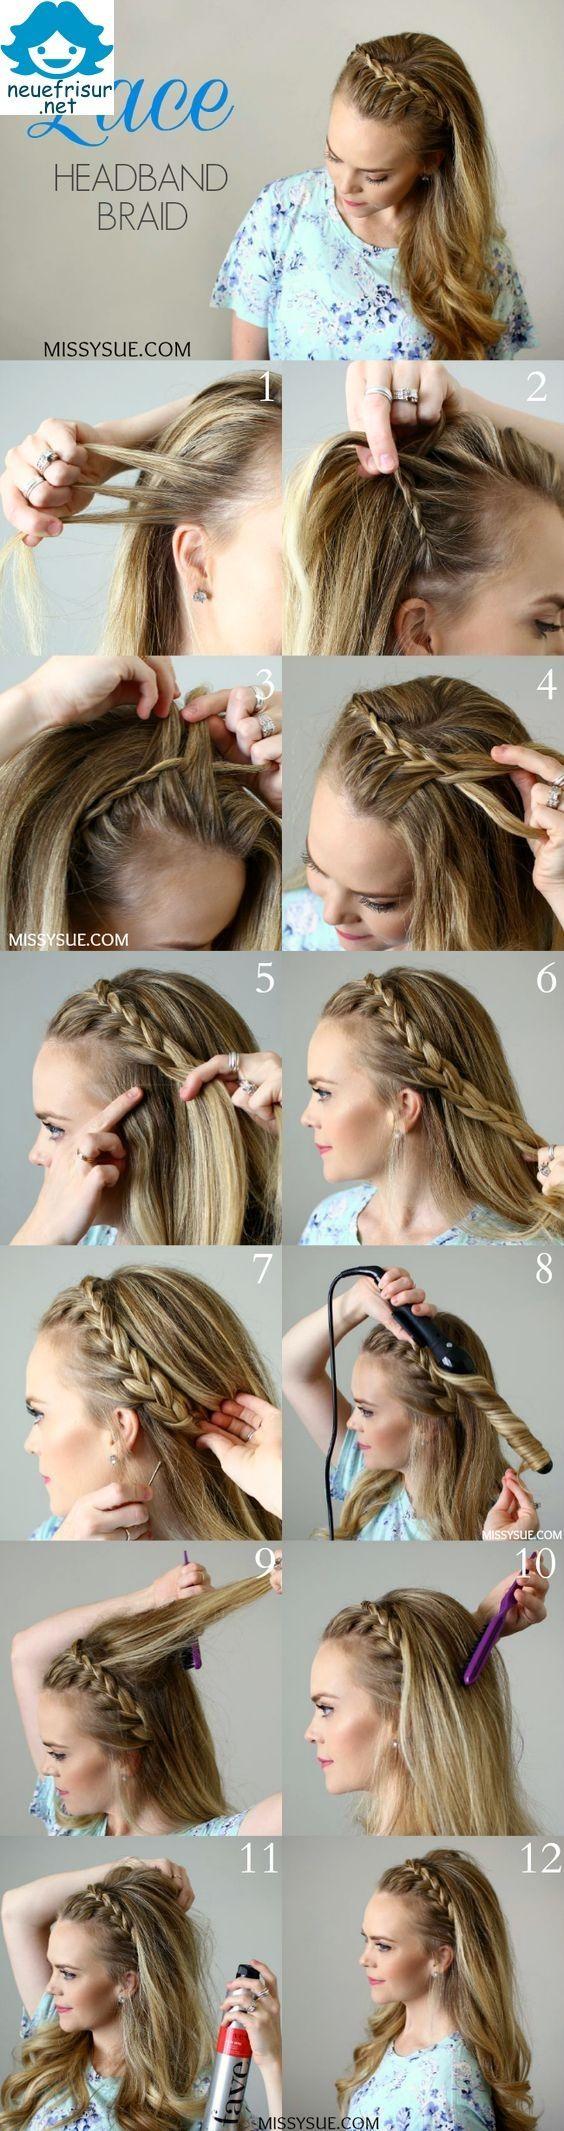 Lace Headband Braid Separate Hair Im Jahr 2016 werden wir über die am meisten bevorzugte Frisur sprechen. In diesem Jahr Mesh – Modelle kommen häufig in den Vordergrund. Wenn Sie die schlanke…